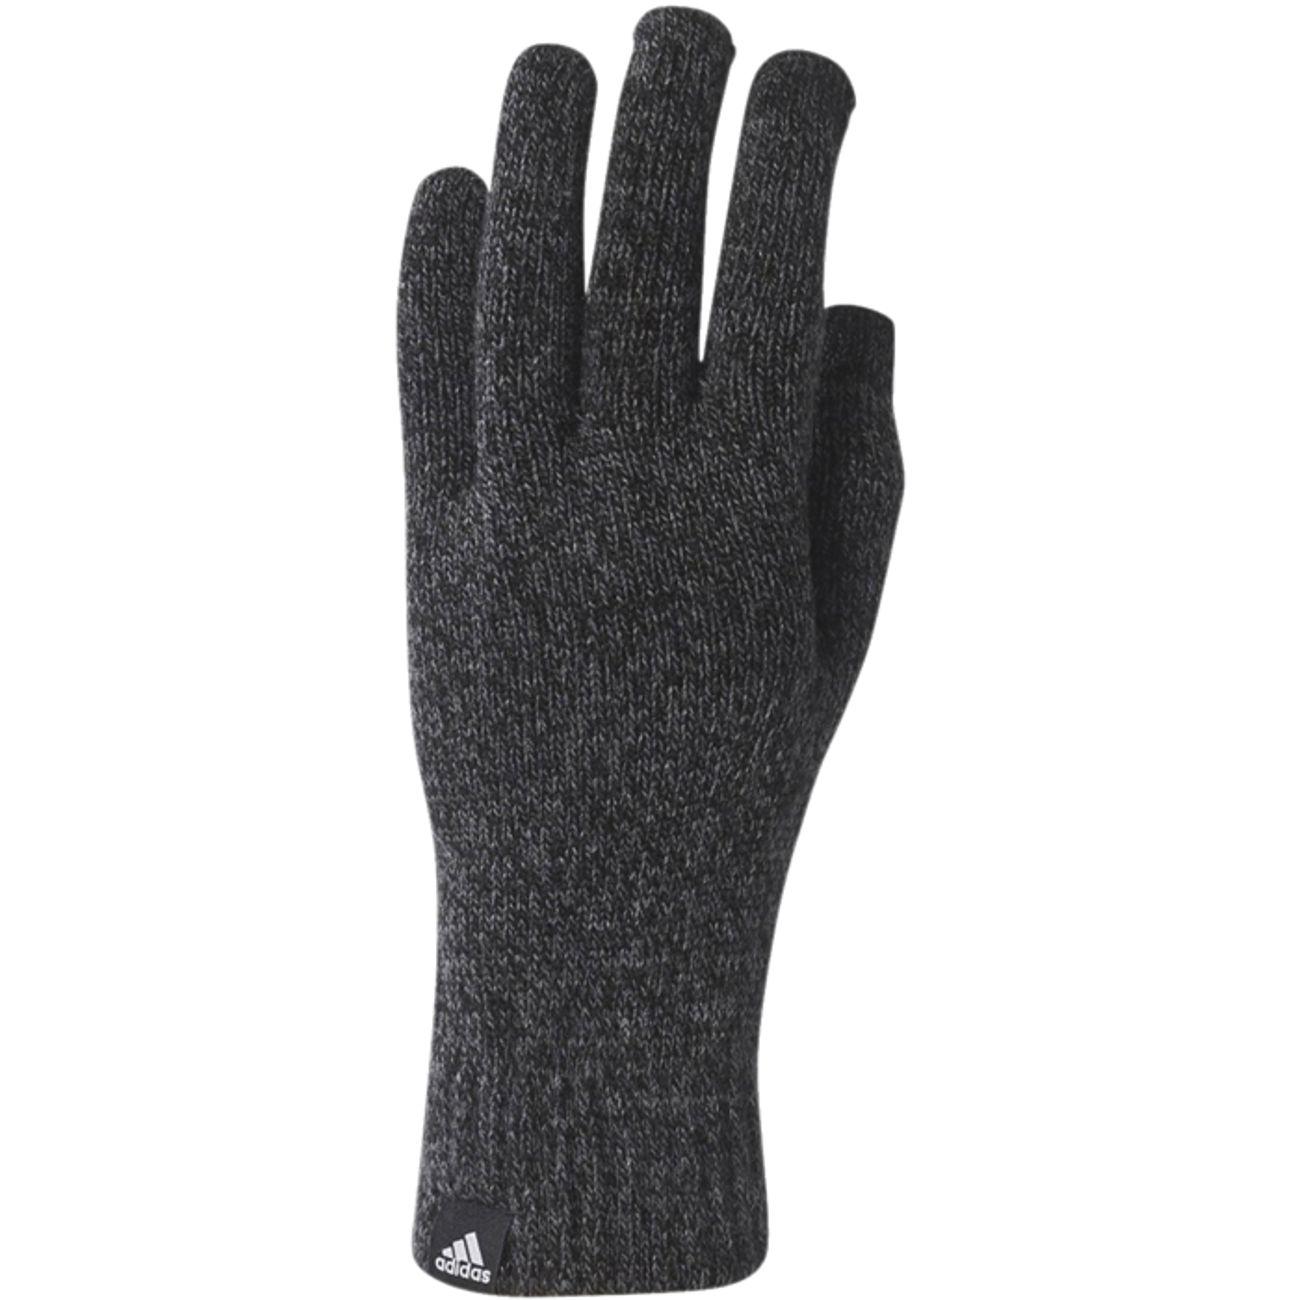 knit glove cond achat et prix pas cher go sport. Black Bedroom Furniture Sets. Home Design Ideas